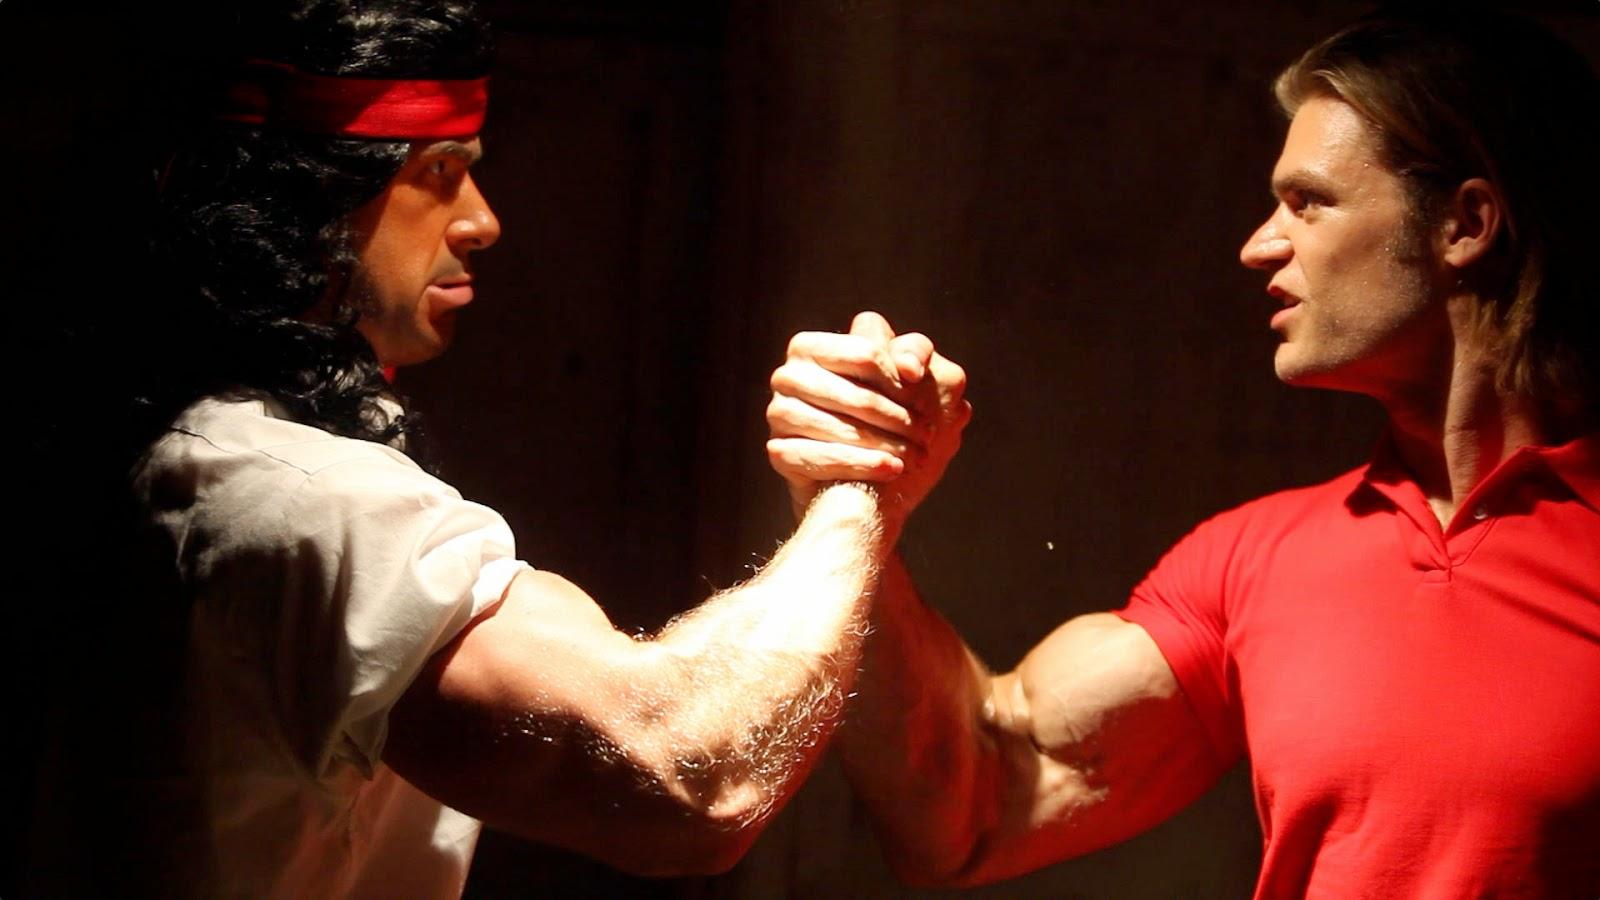 arnold schwarzenegger vs sylvester stallone epic rap battle